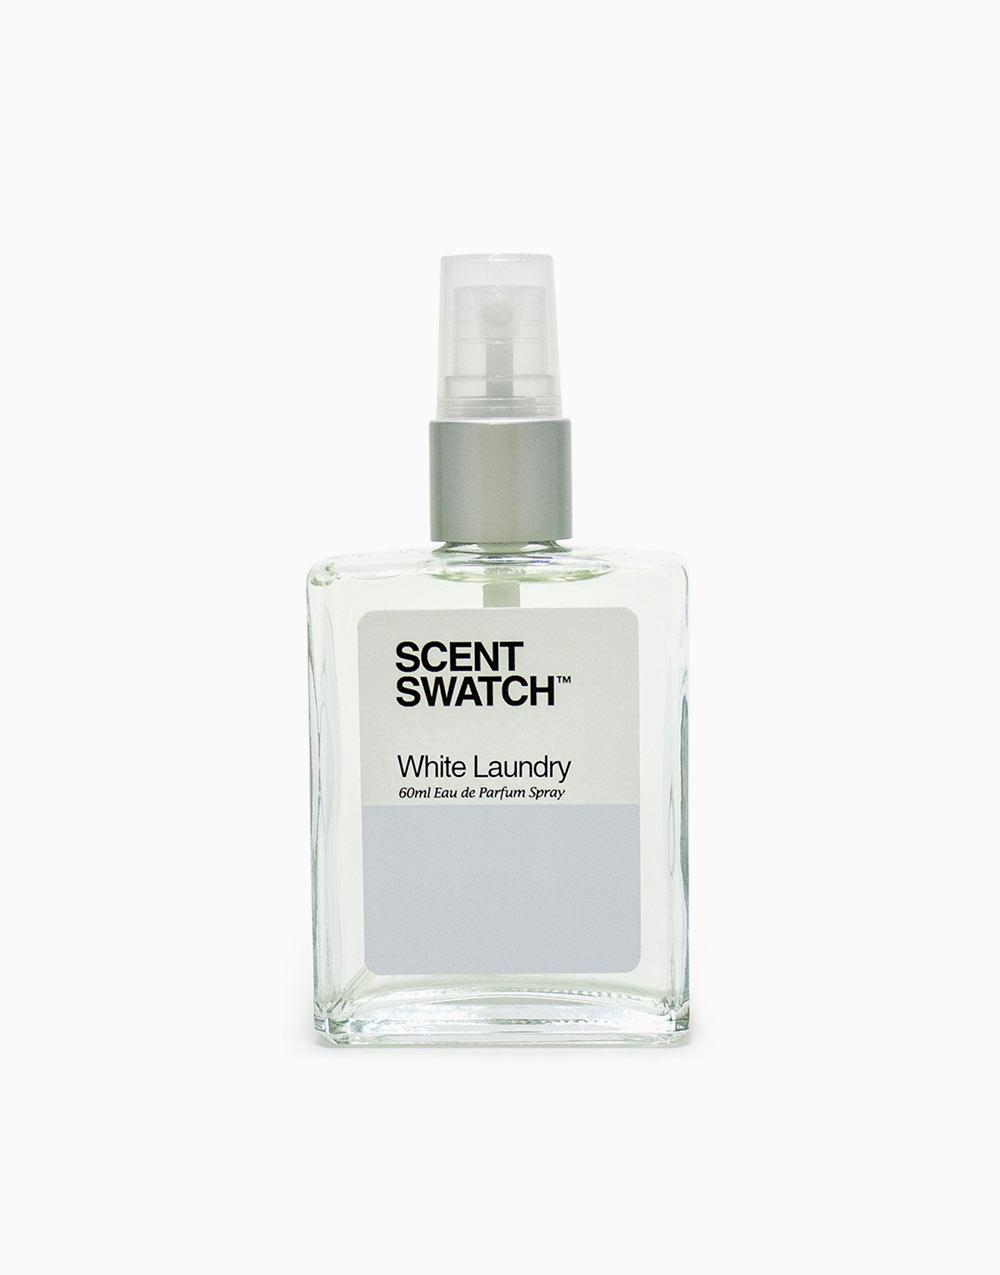 White Laundry Eau de Parfum (60ml) by Scent Swatch